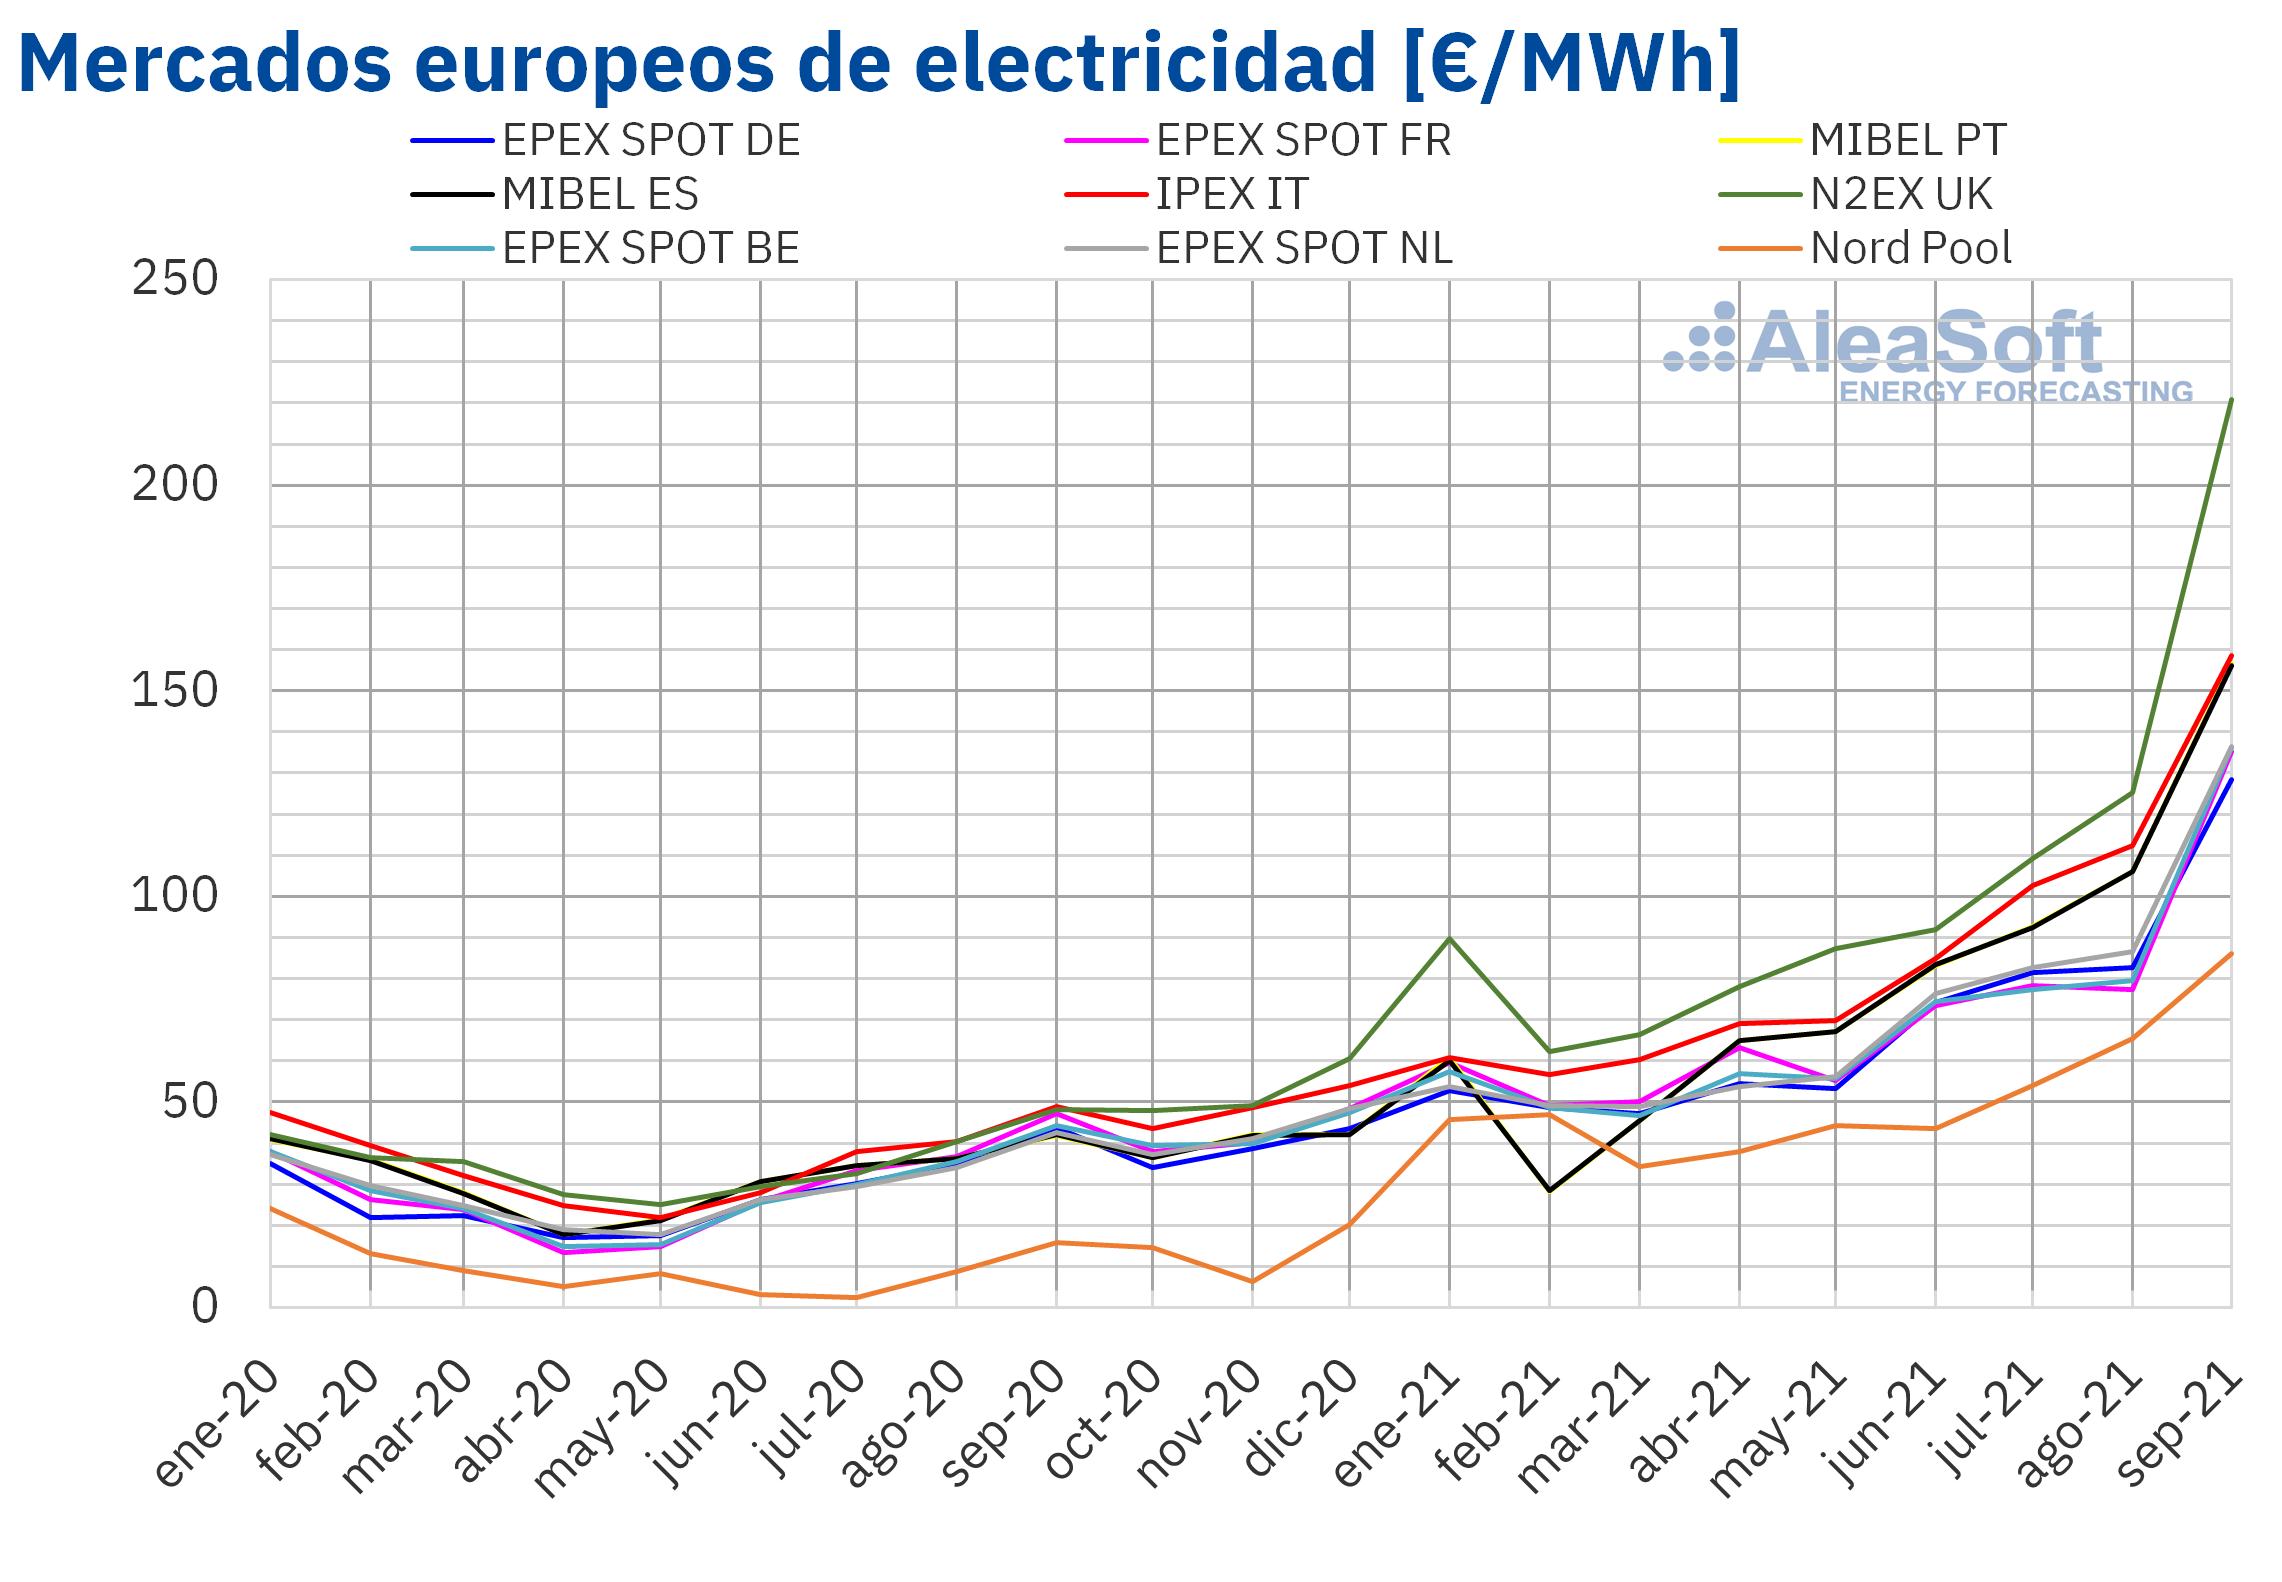 AleaSoft: Subidas de los precios de los mercados en el tercer trimestre en medio de la crisis energética